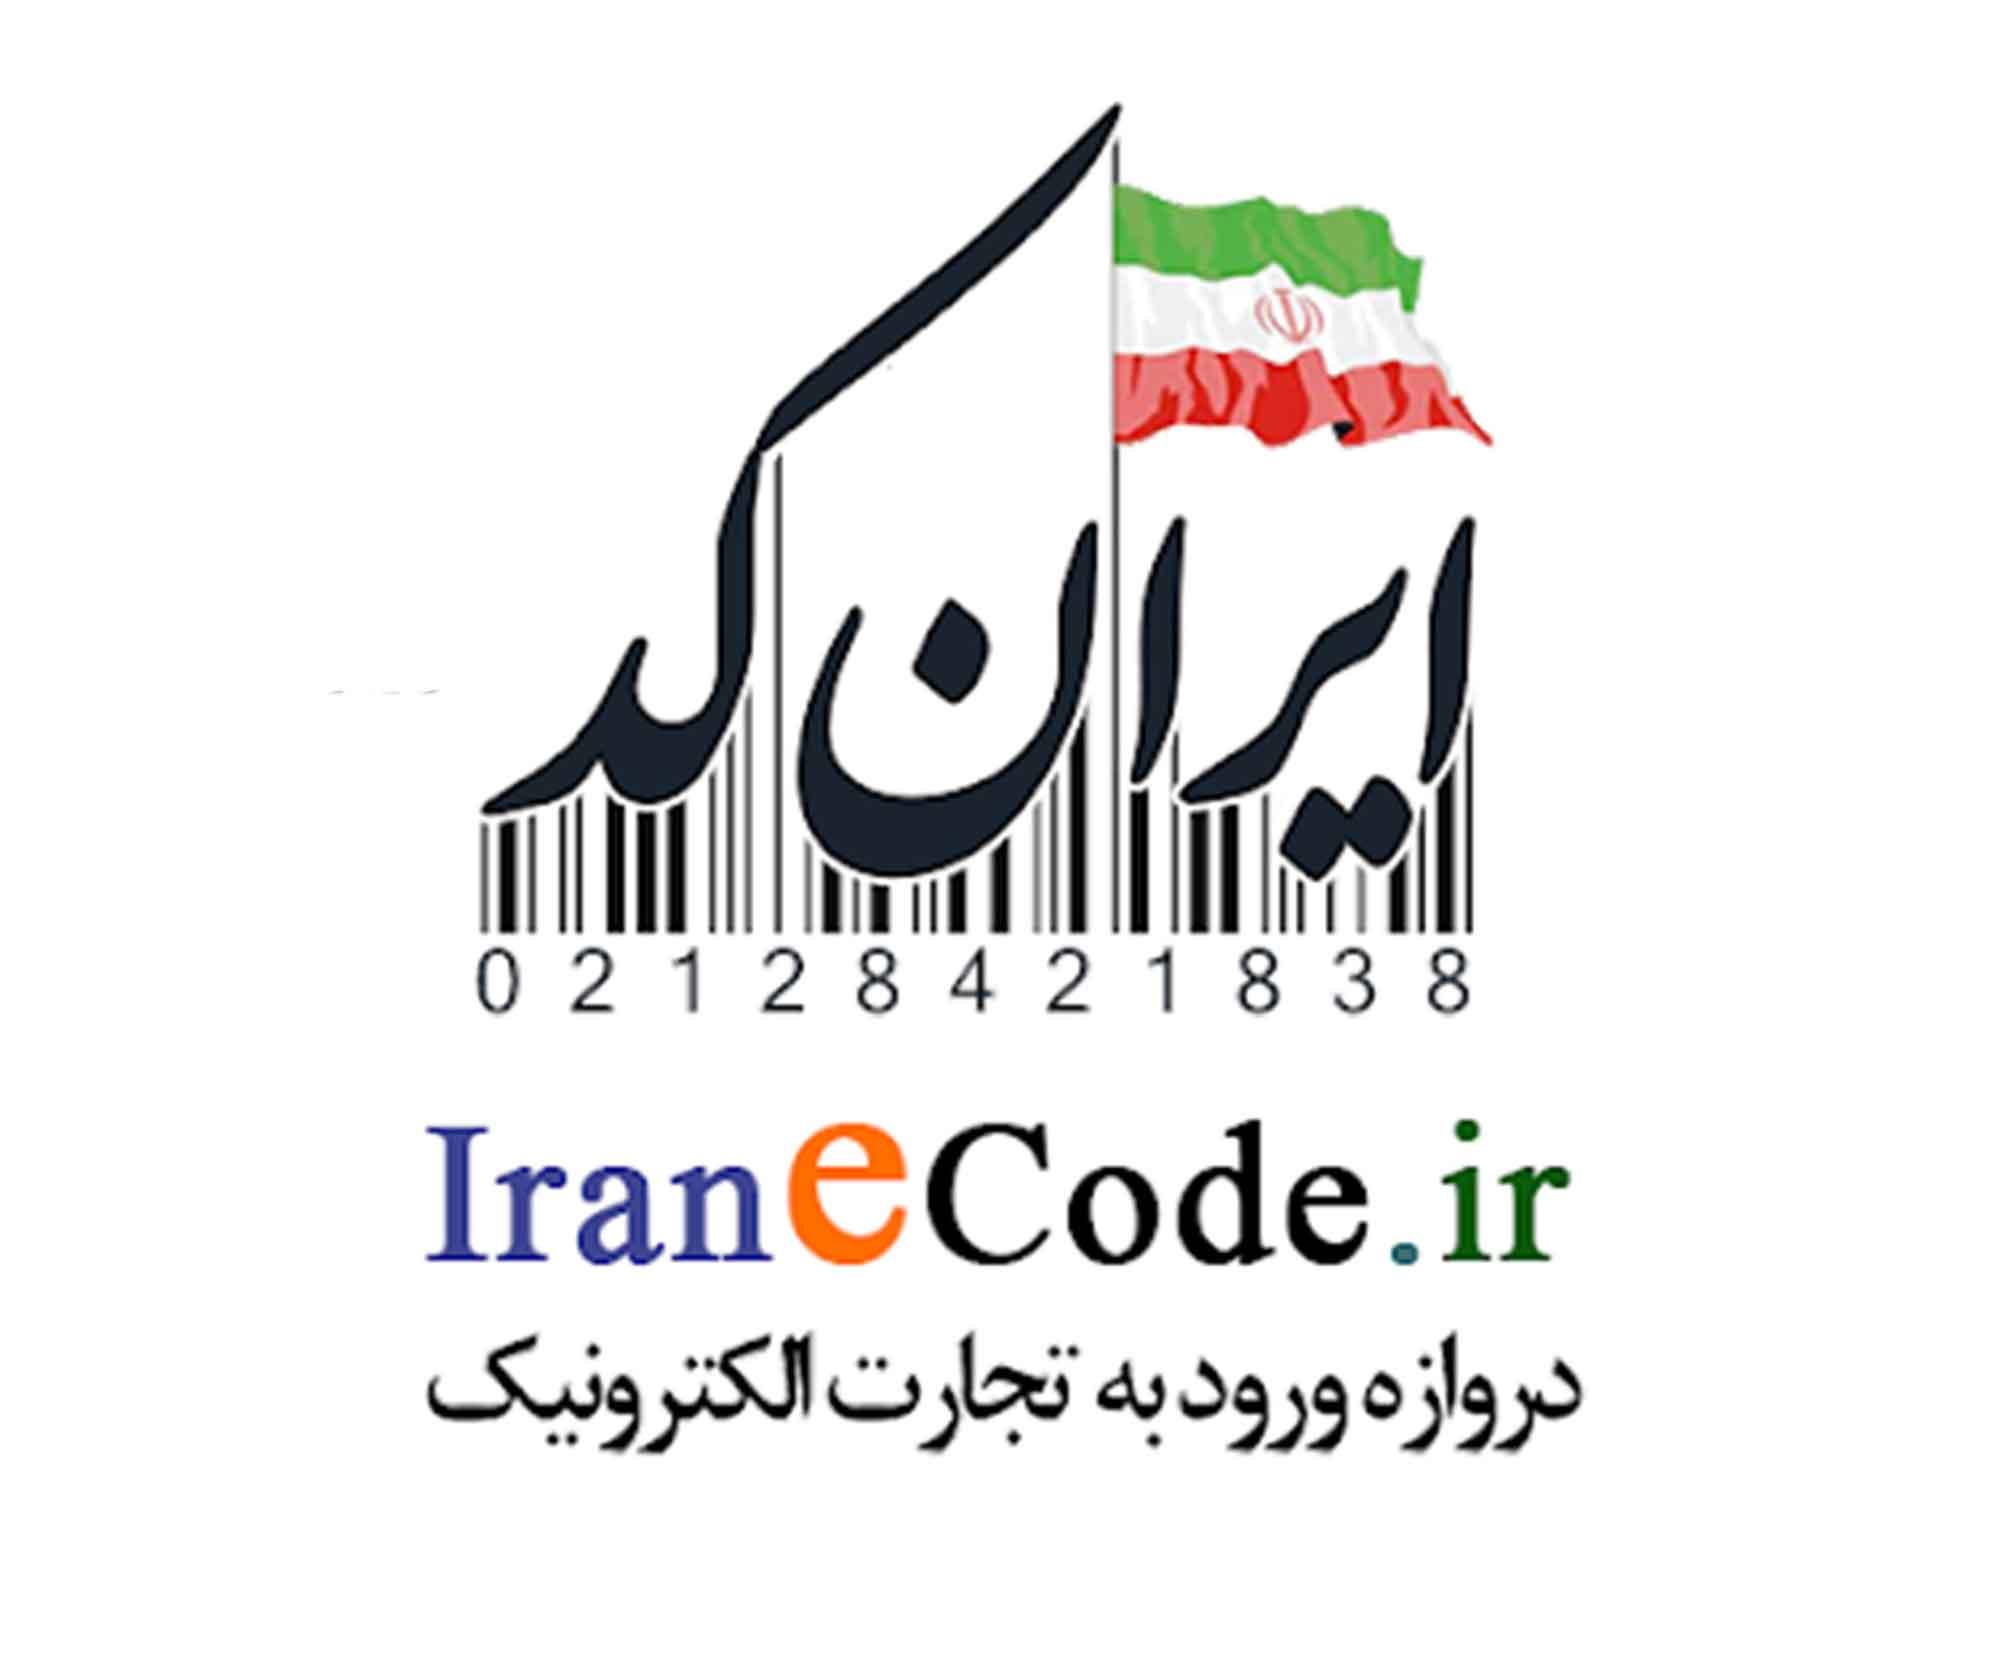 نظام طبقهبندی ملی کالا و خدمات ایران (ایران کد)